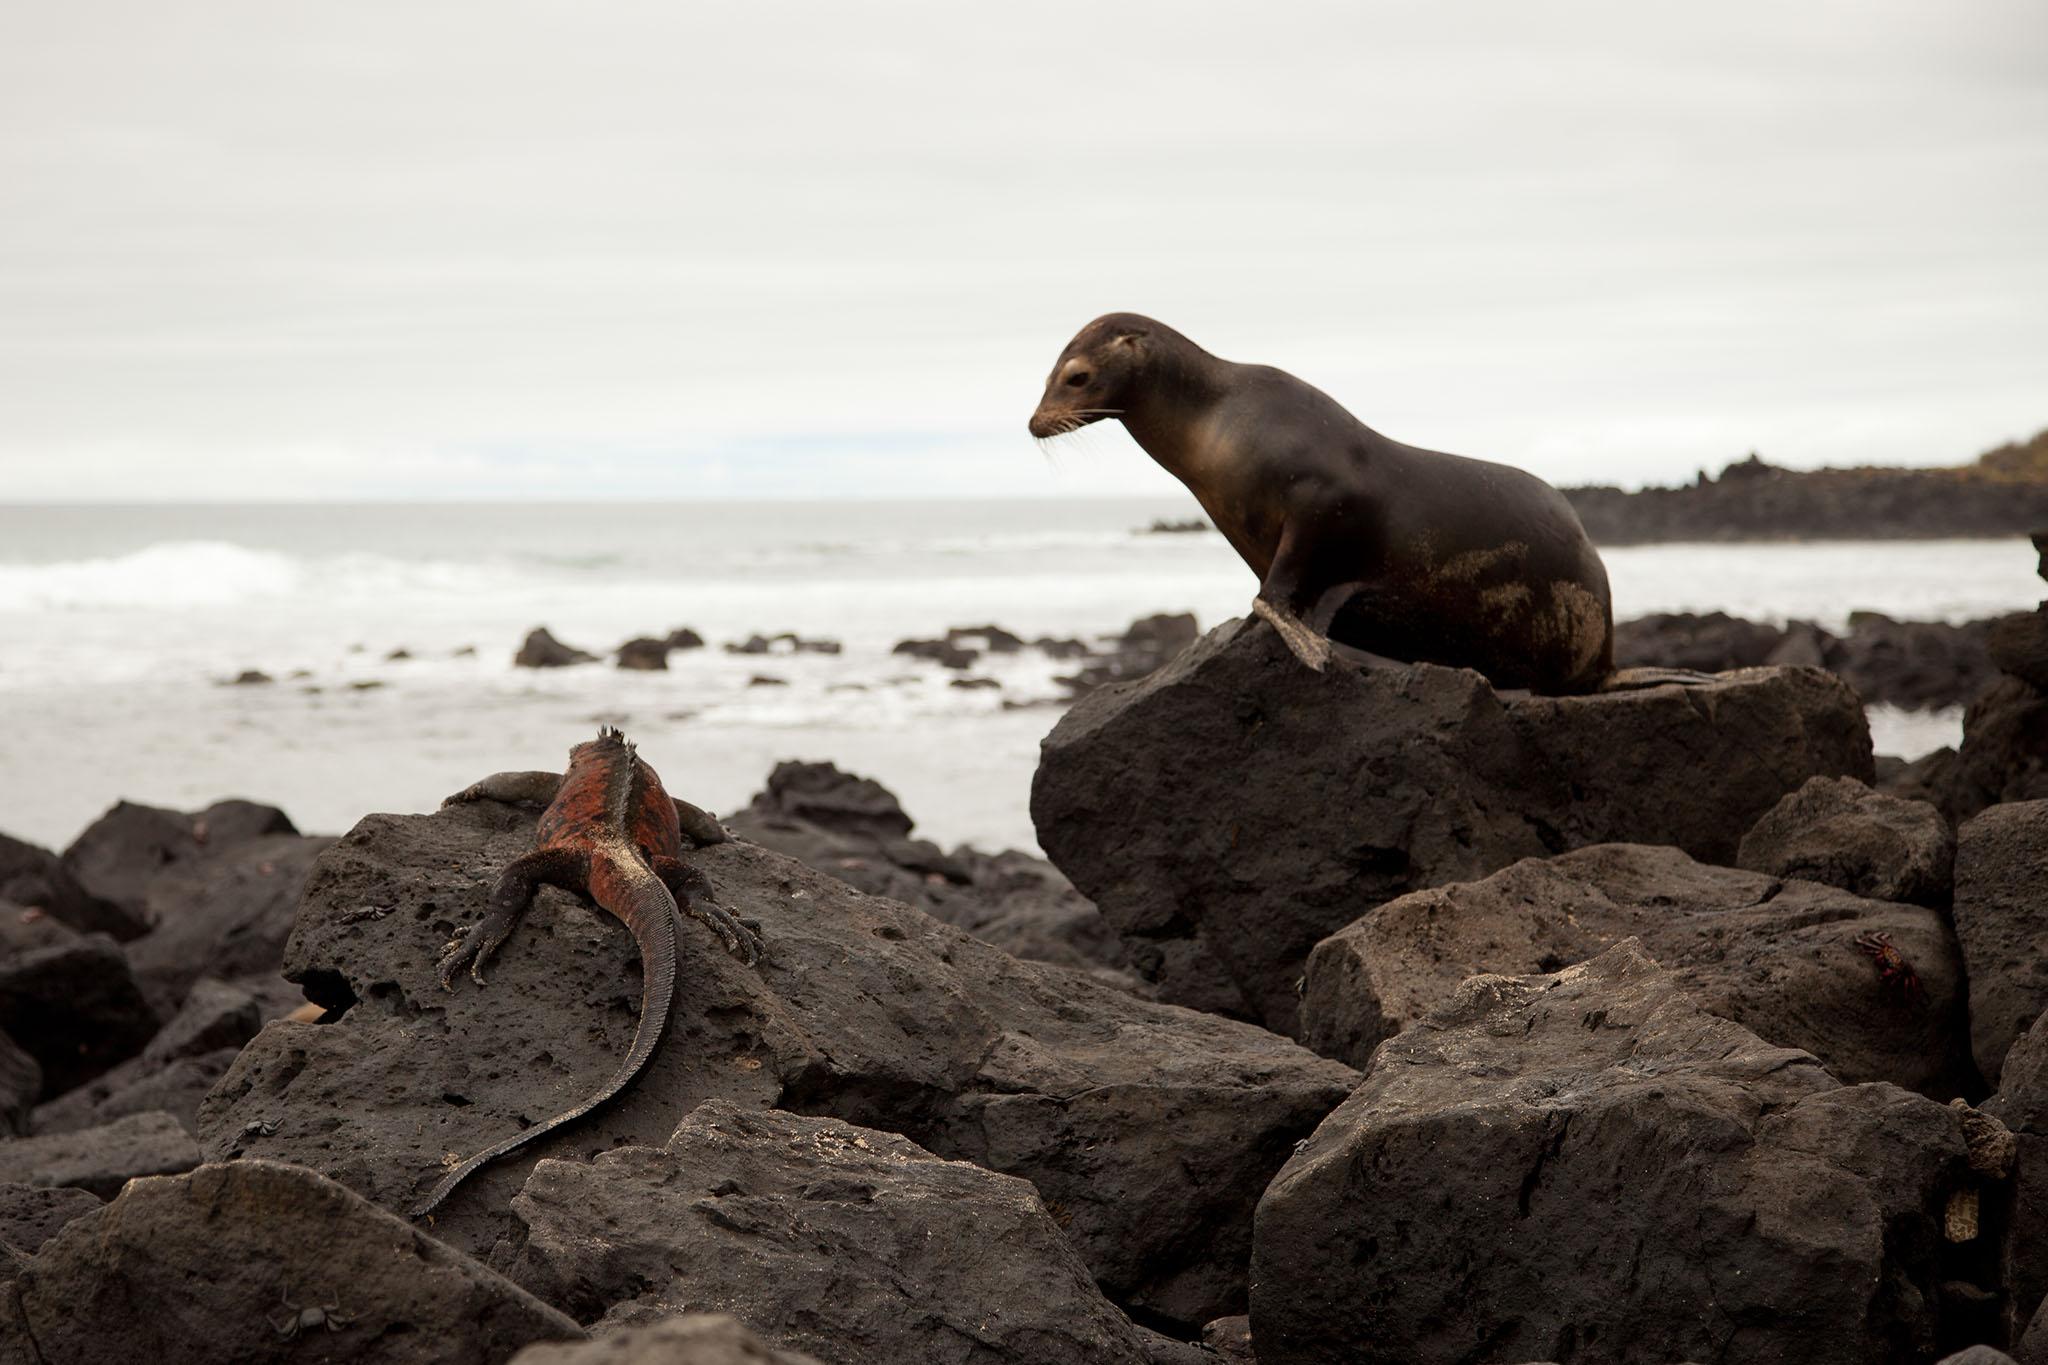 001-TW-Galapagos-121118.jpg